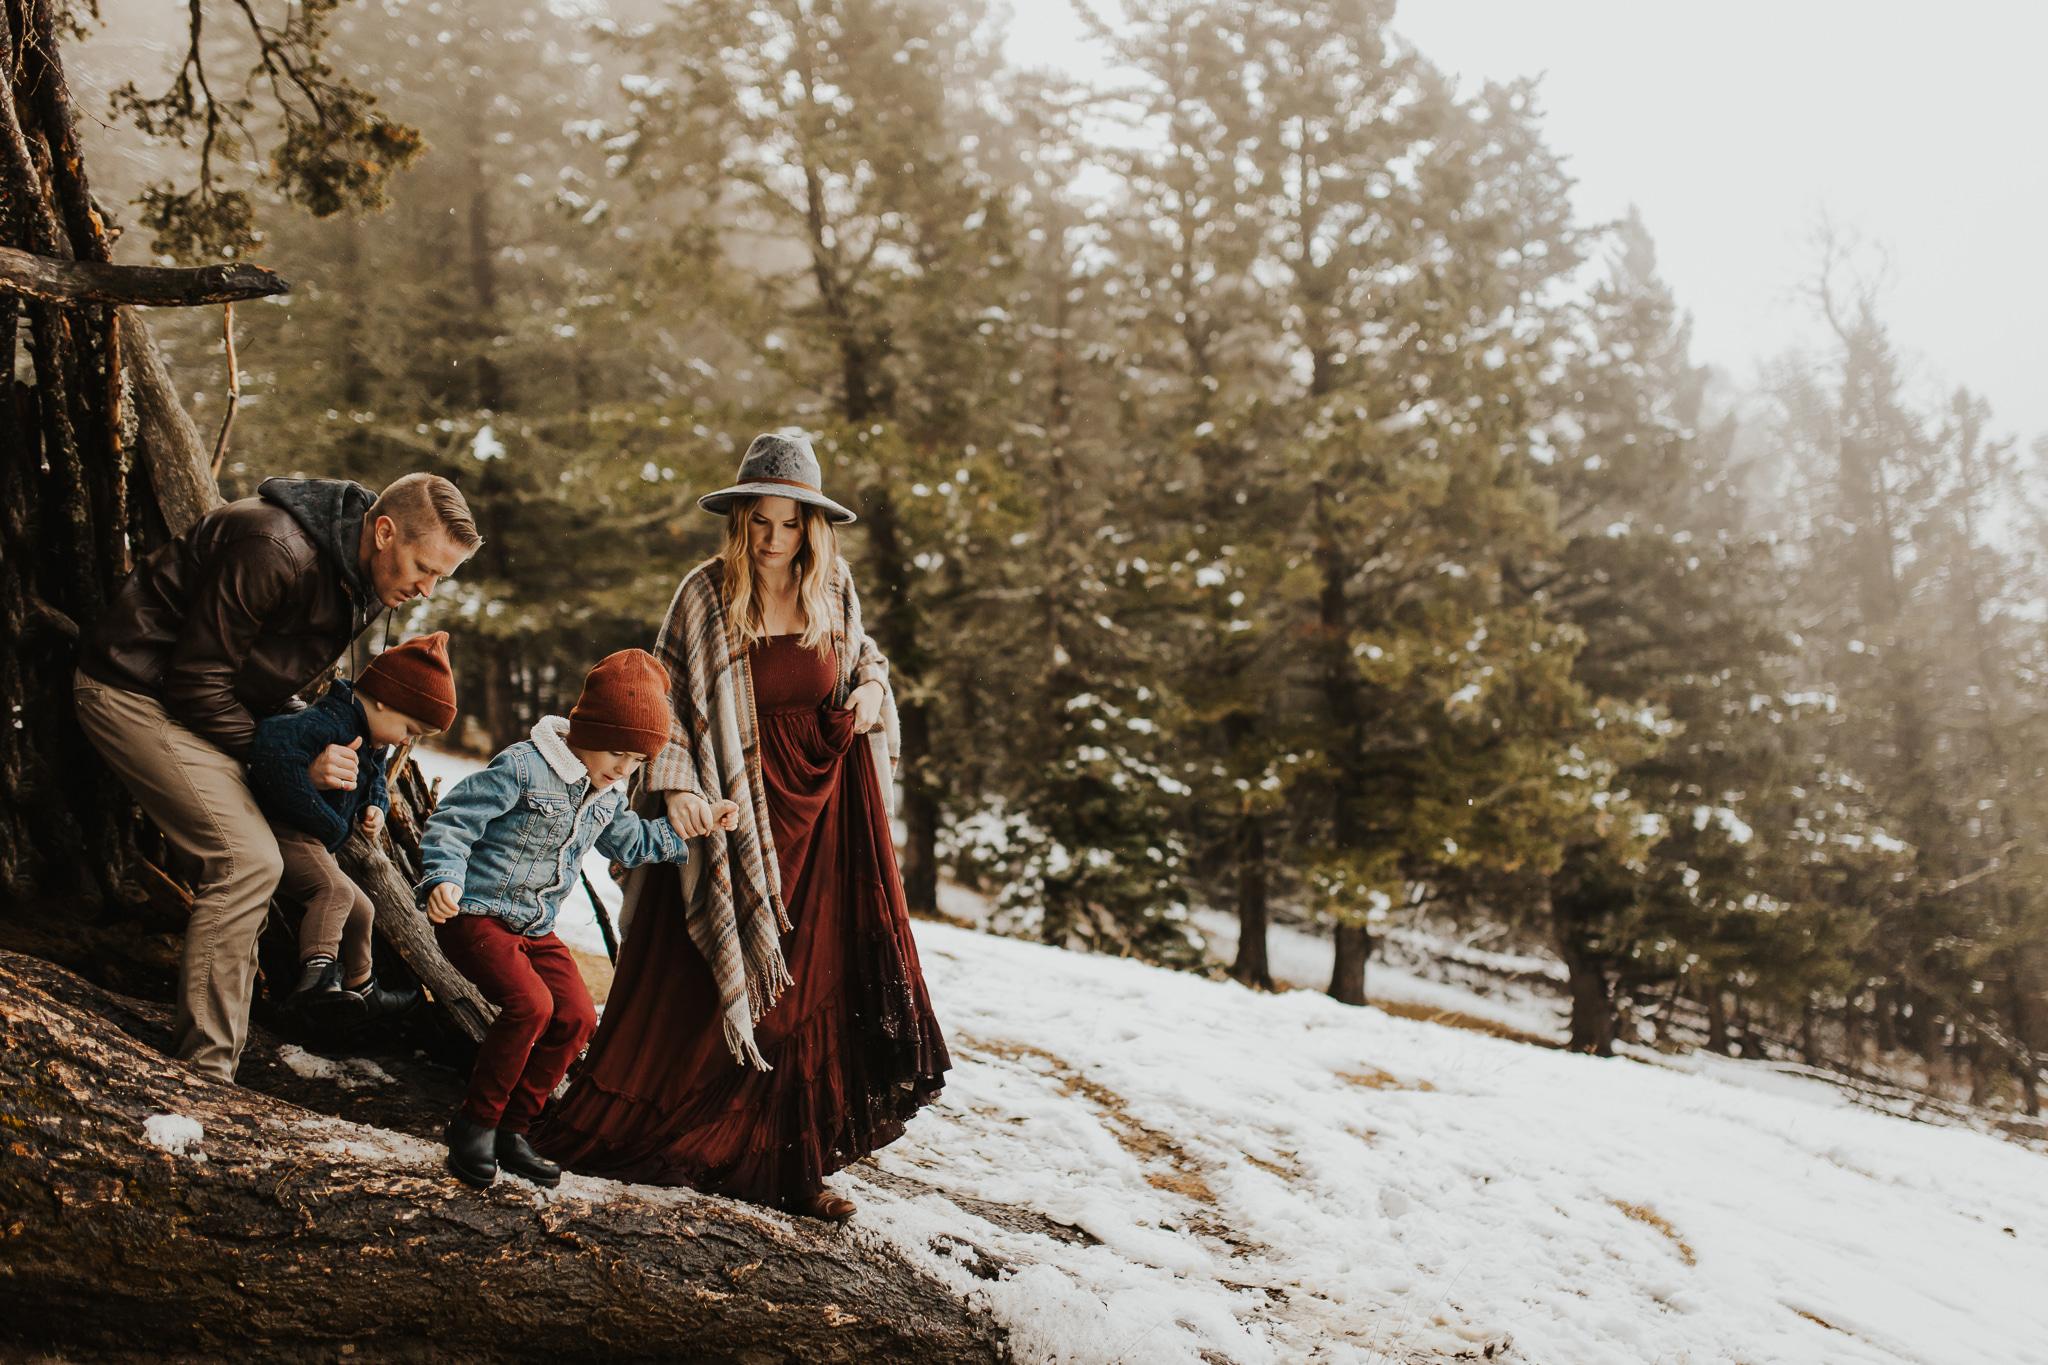 Alina-Joy-Photography-Cold-Lake-Lifestyle-Photographer-273.jpg